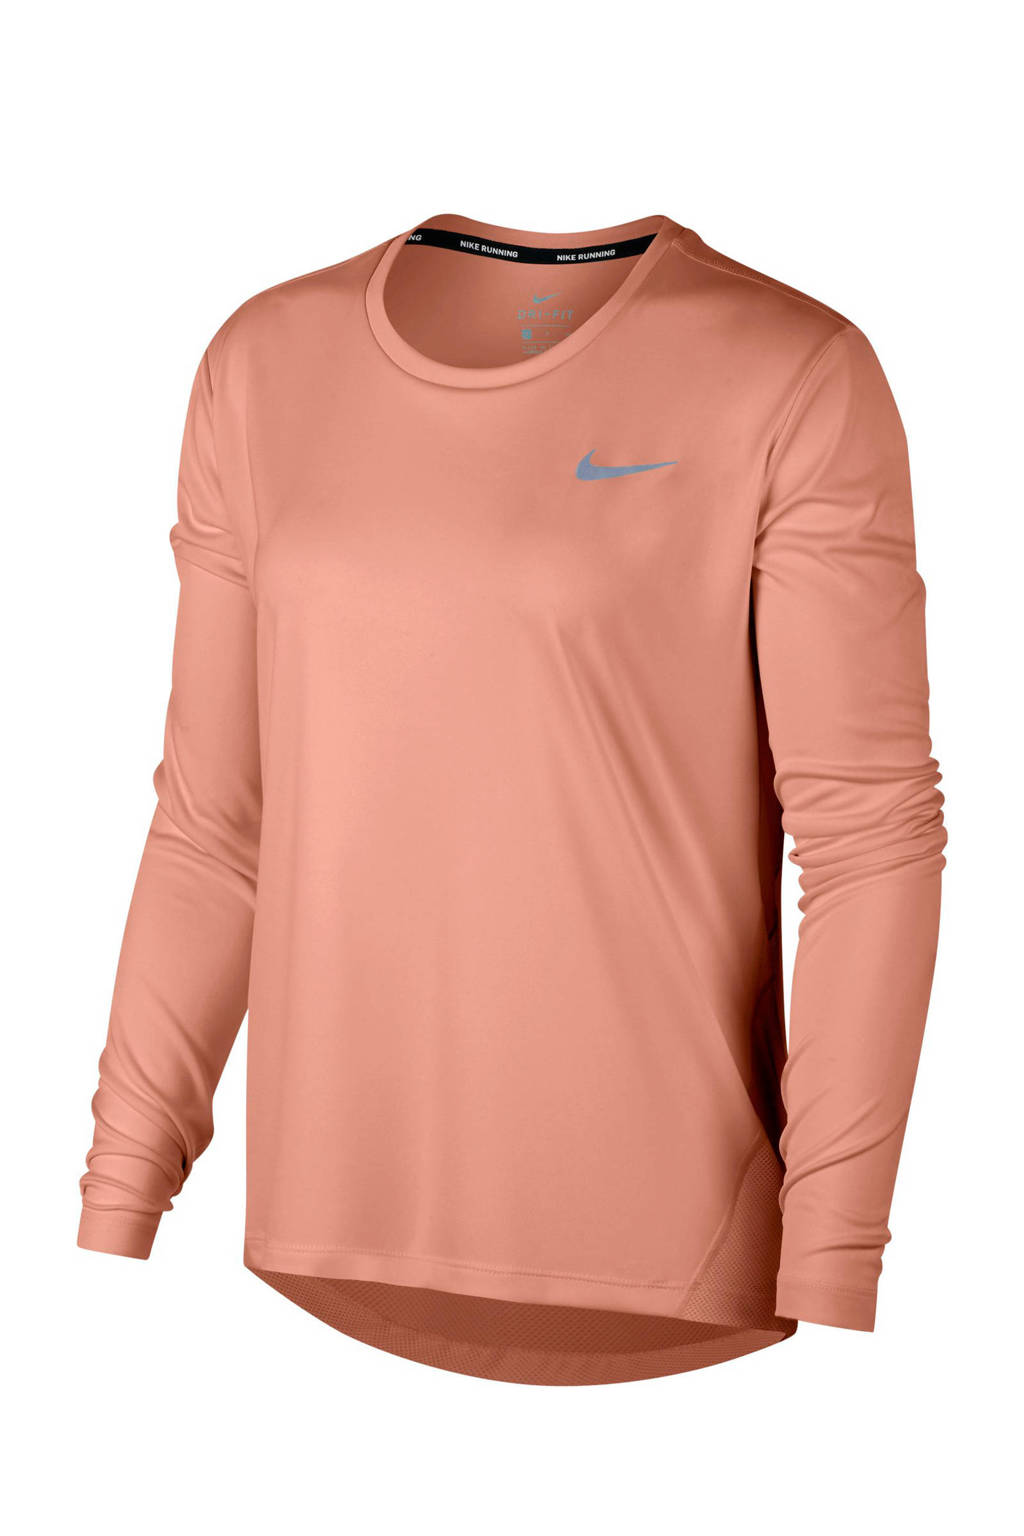 Nike hardloopshirt roze, Roze